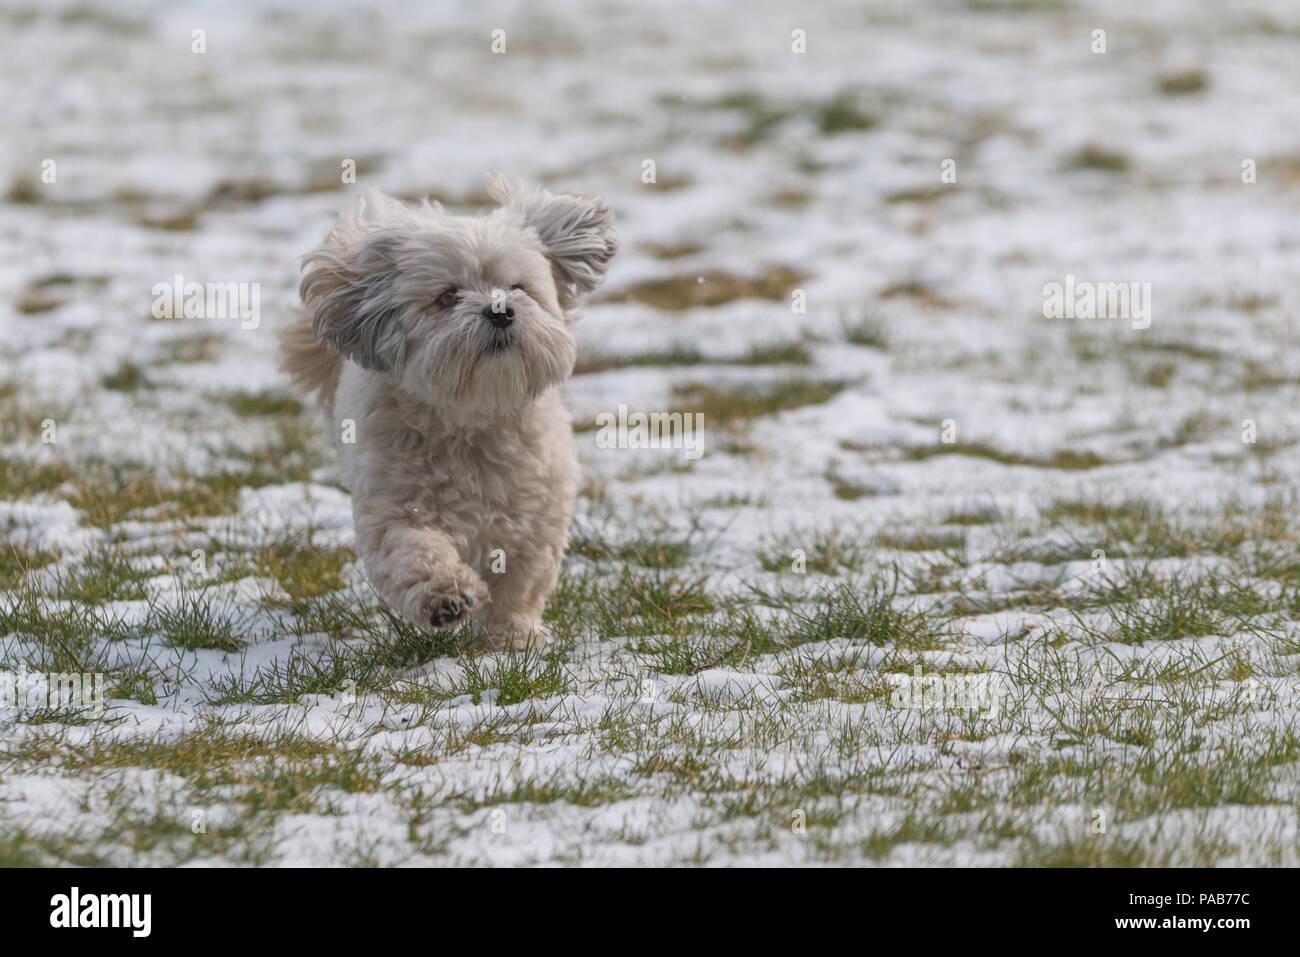 55+ White Shih Tzu Maltese Puppy